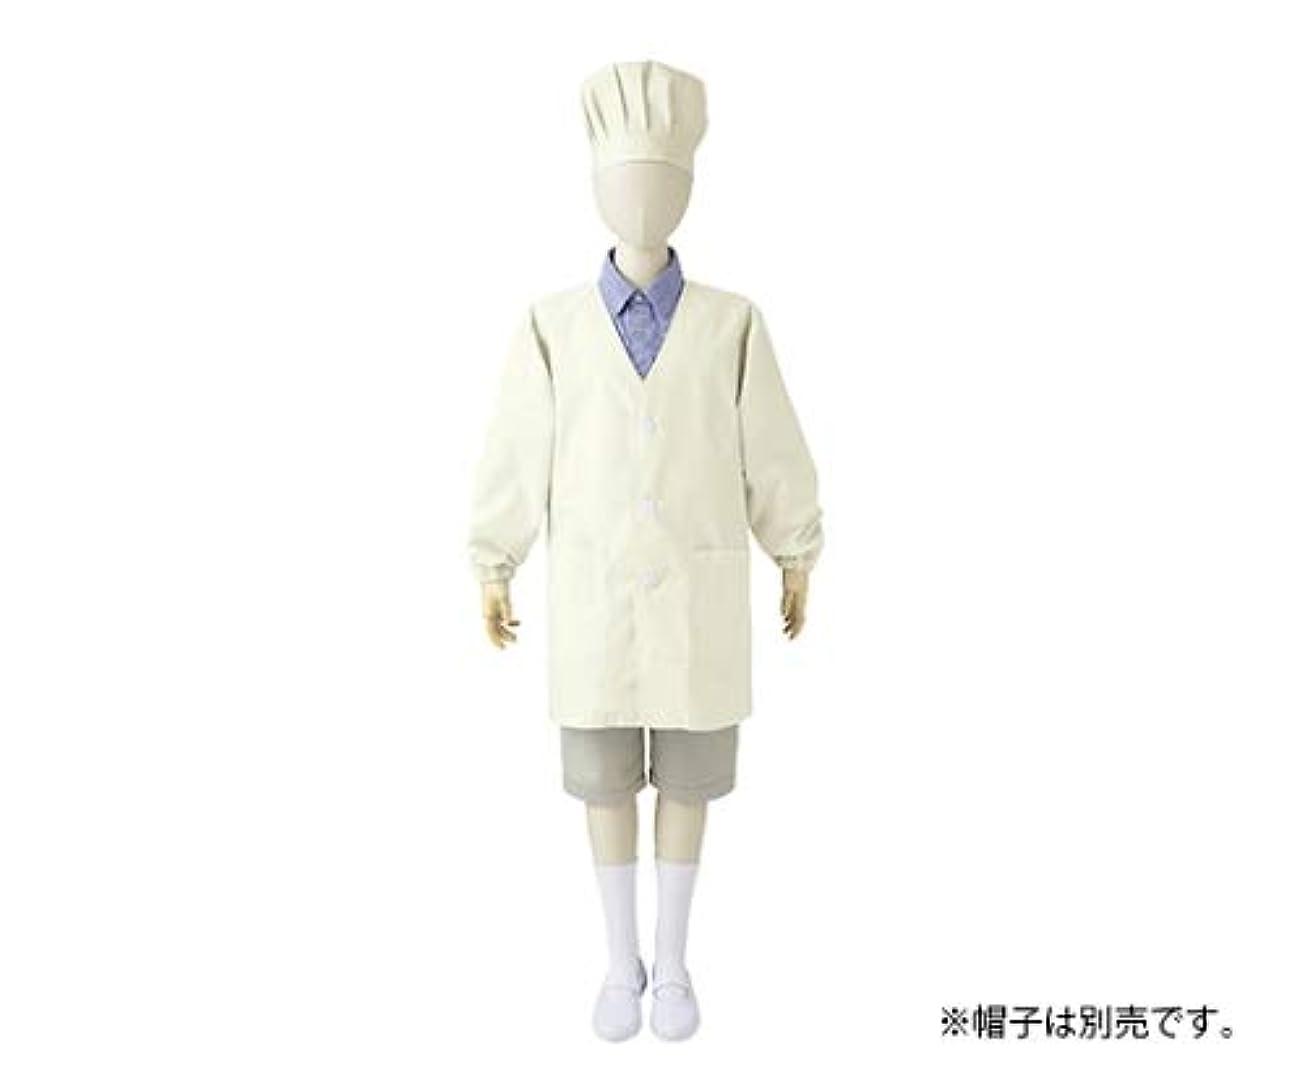 ワゴン放射する非アクティブシングル型給食衣 児童用 長袖 イエロー/61-6153-55